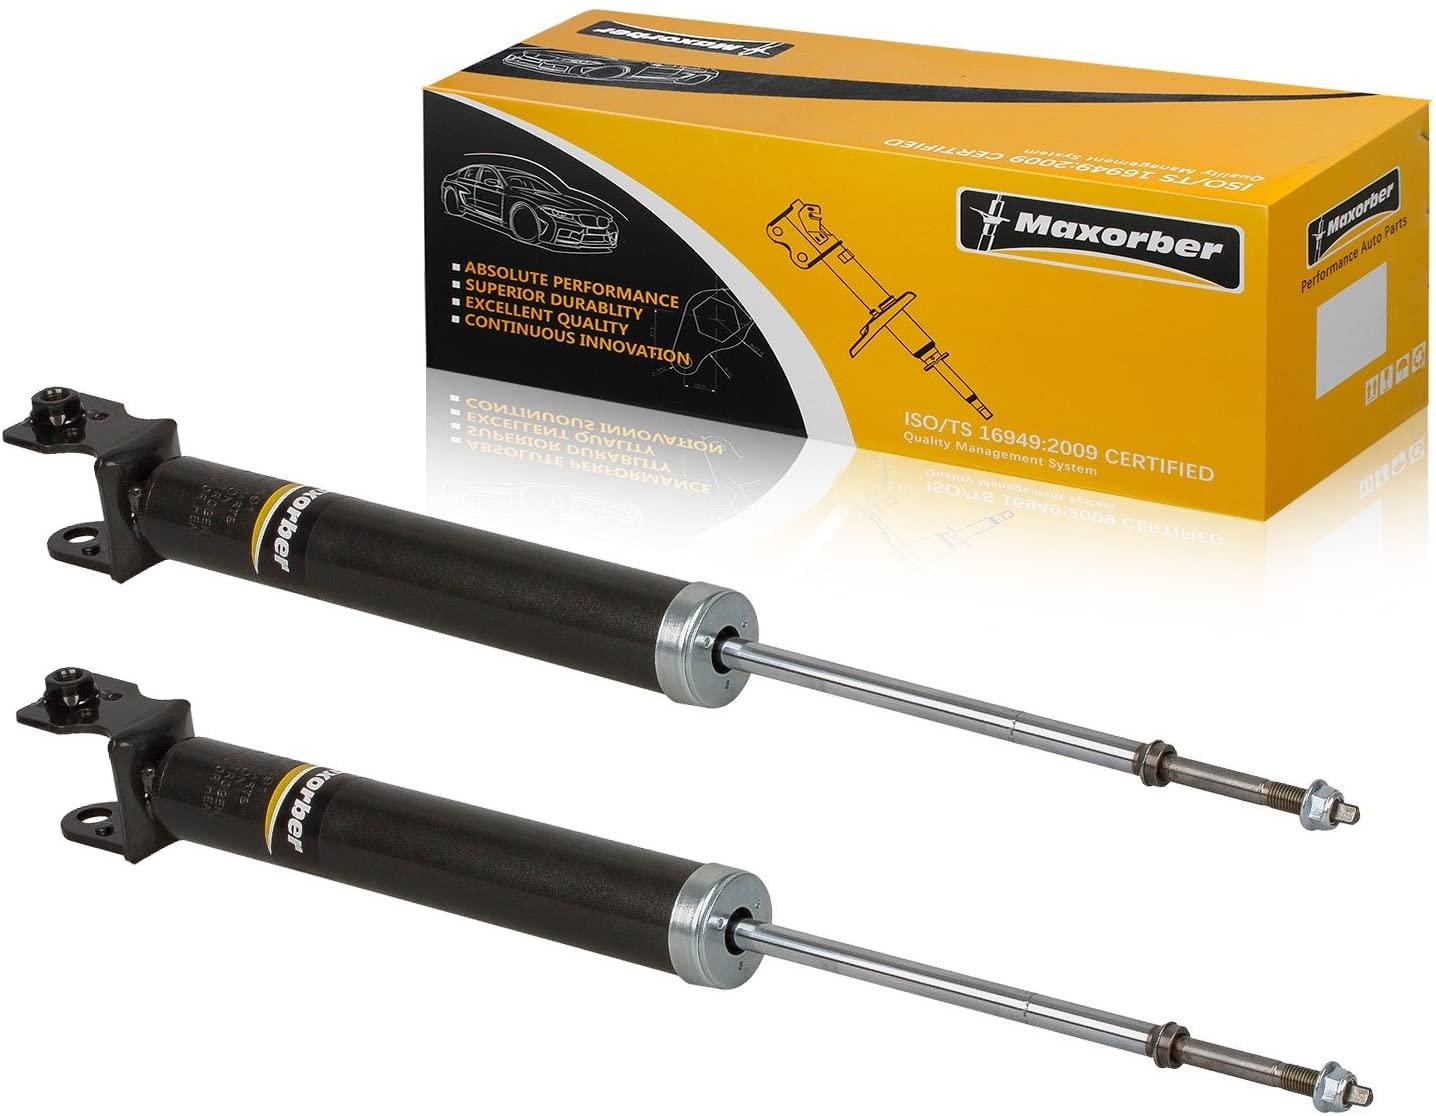 Maxorber Rear Set Shocks Struts Absorber Kit Compatible with G35 Coupe/Sedan RWD 2003 2004 2005 2006 Shock Absorber Shock Set 344491 5795 56110AC525